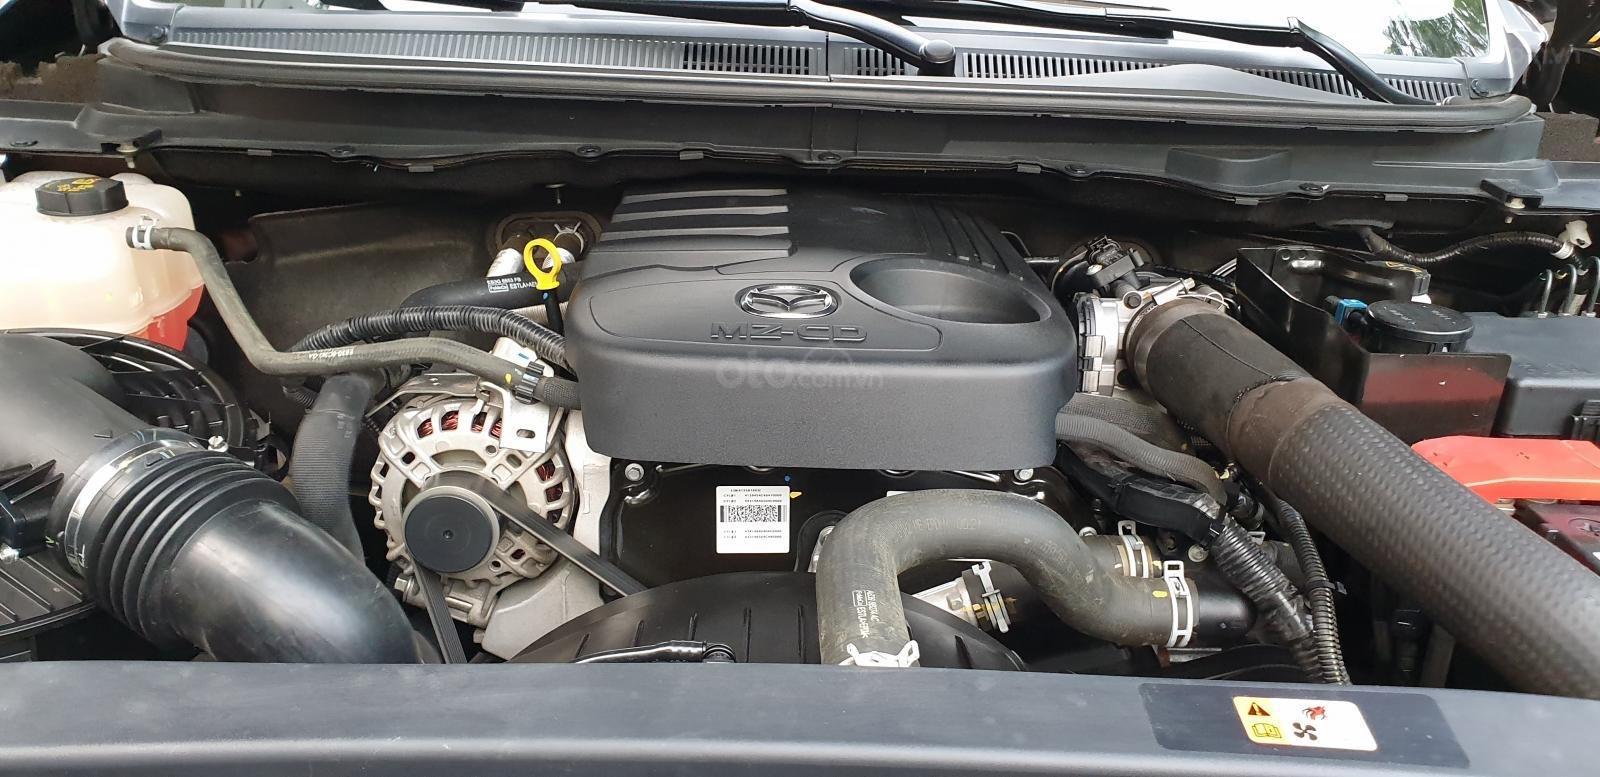 Bán Mazda BT 50 máy dầu, 2.2 số tự động, model 2018 đời T10/2017, màu nâu, nhập khẩu mới 95%-24